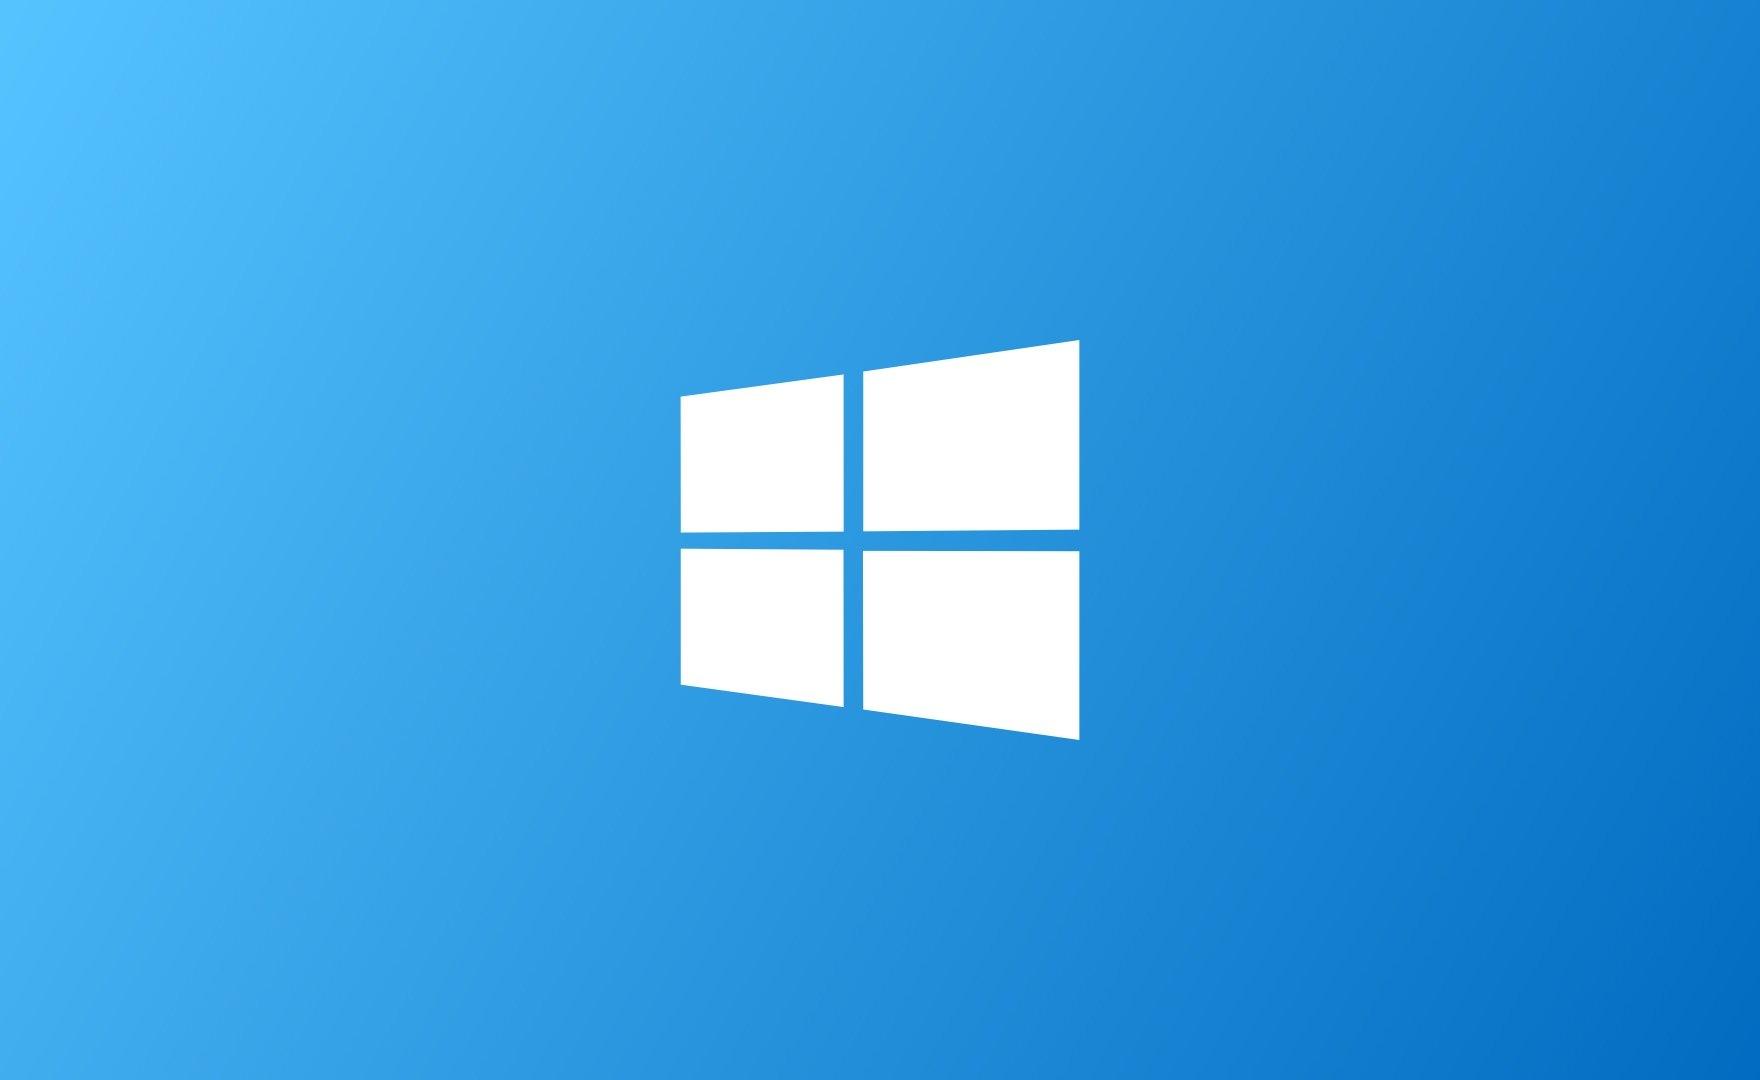 Windows non è più una priorità per Microsoft